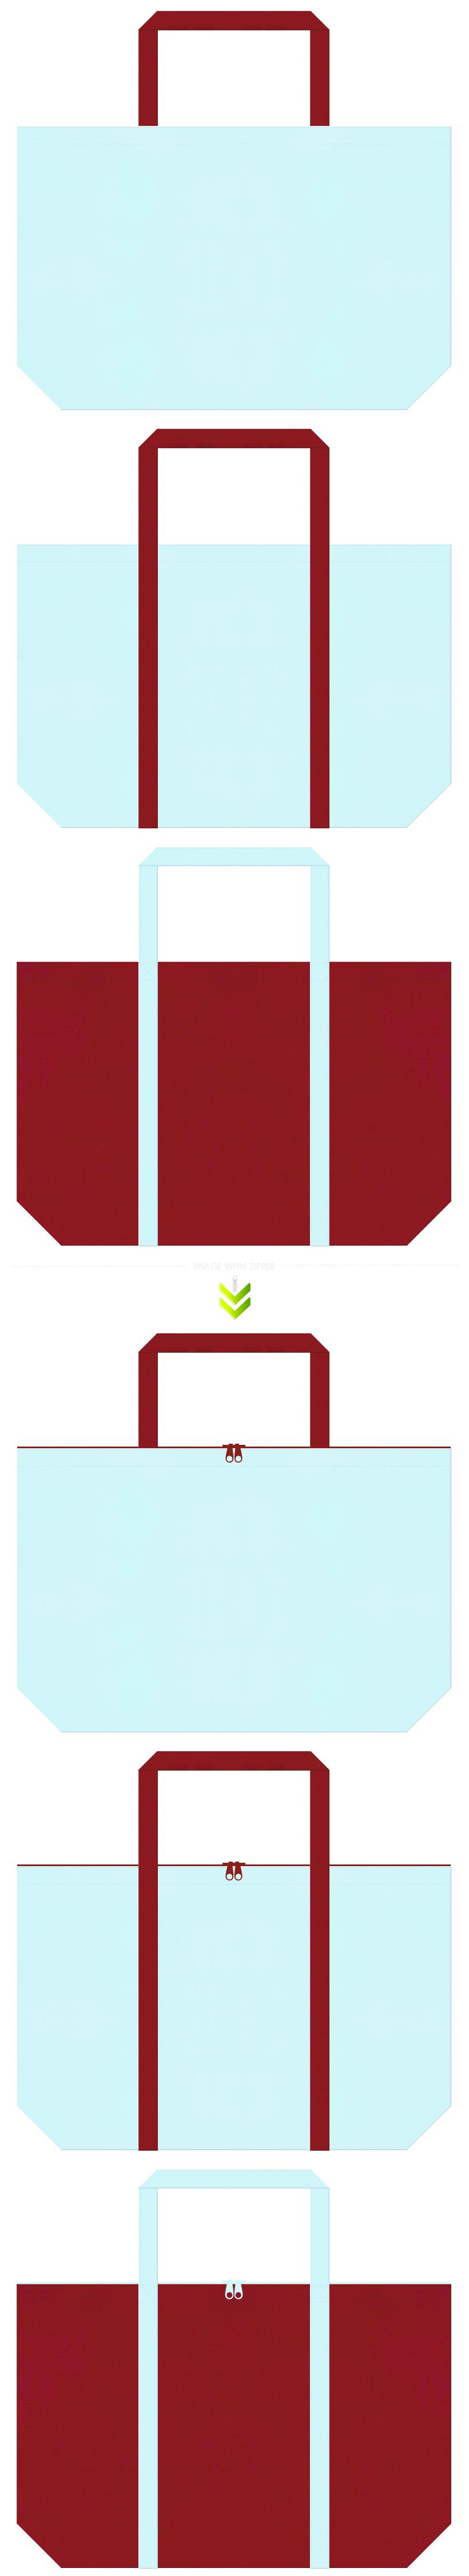 法被・夏祭り・夏浴衣のショッピングバッグにお奨めの不織布バッグデザイン:水色とエンジ色のコーデ